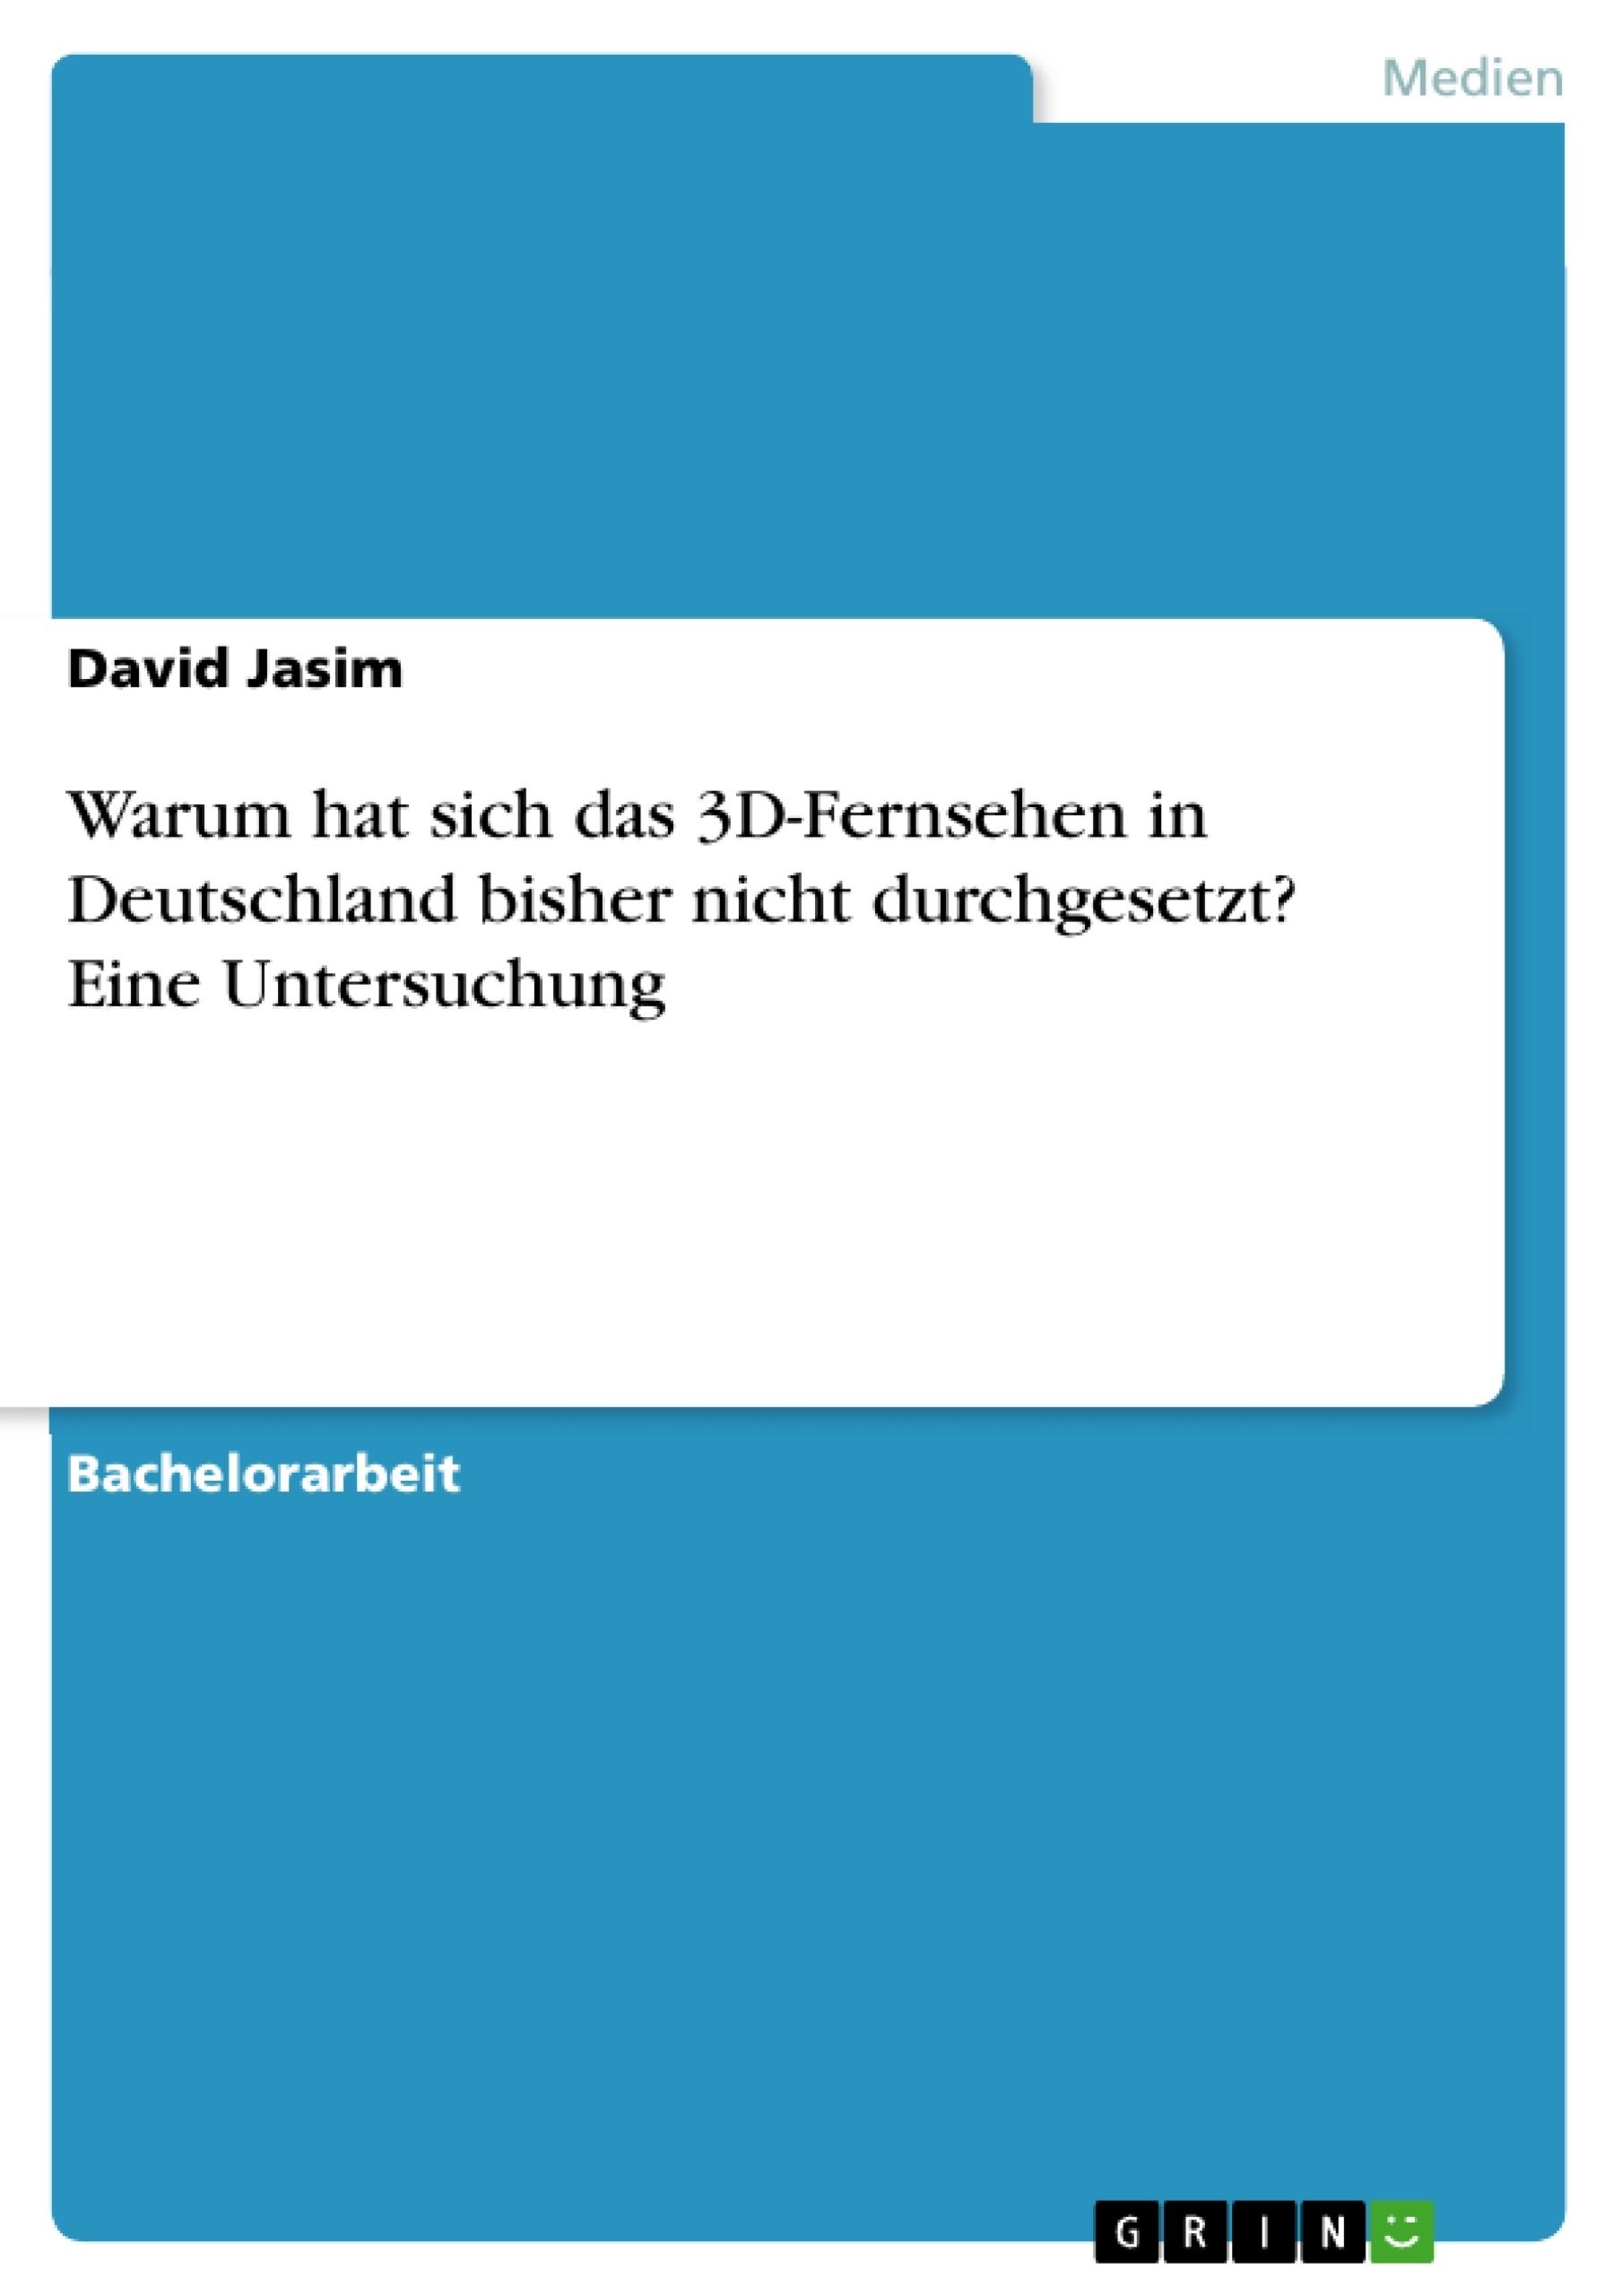 Titel: Warum hat sich das 3D-Fernsehen in Deutschland bisher nicht durchgesetzt? Eine Untersuchung